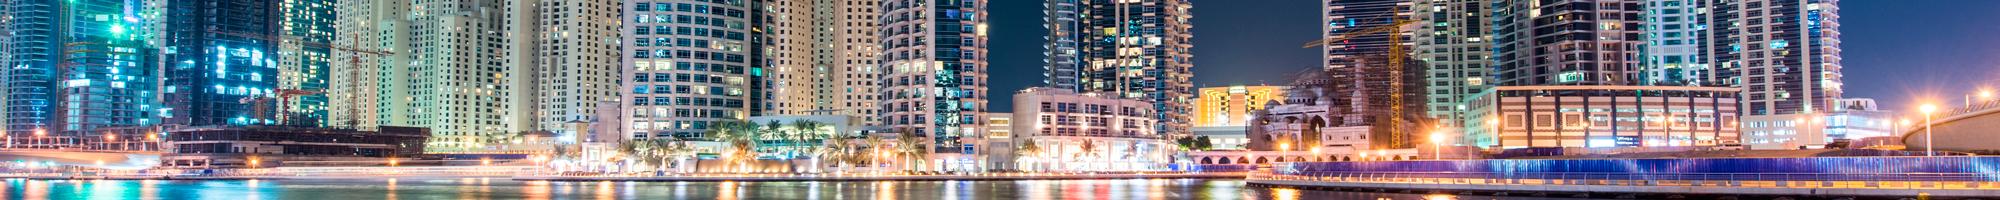 Hoteles en Emiratos Árabes Unidos